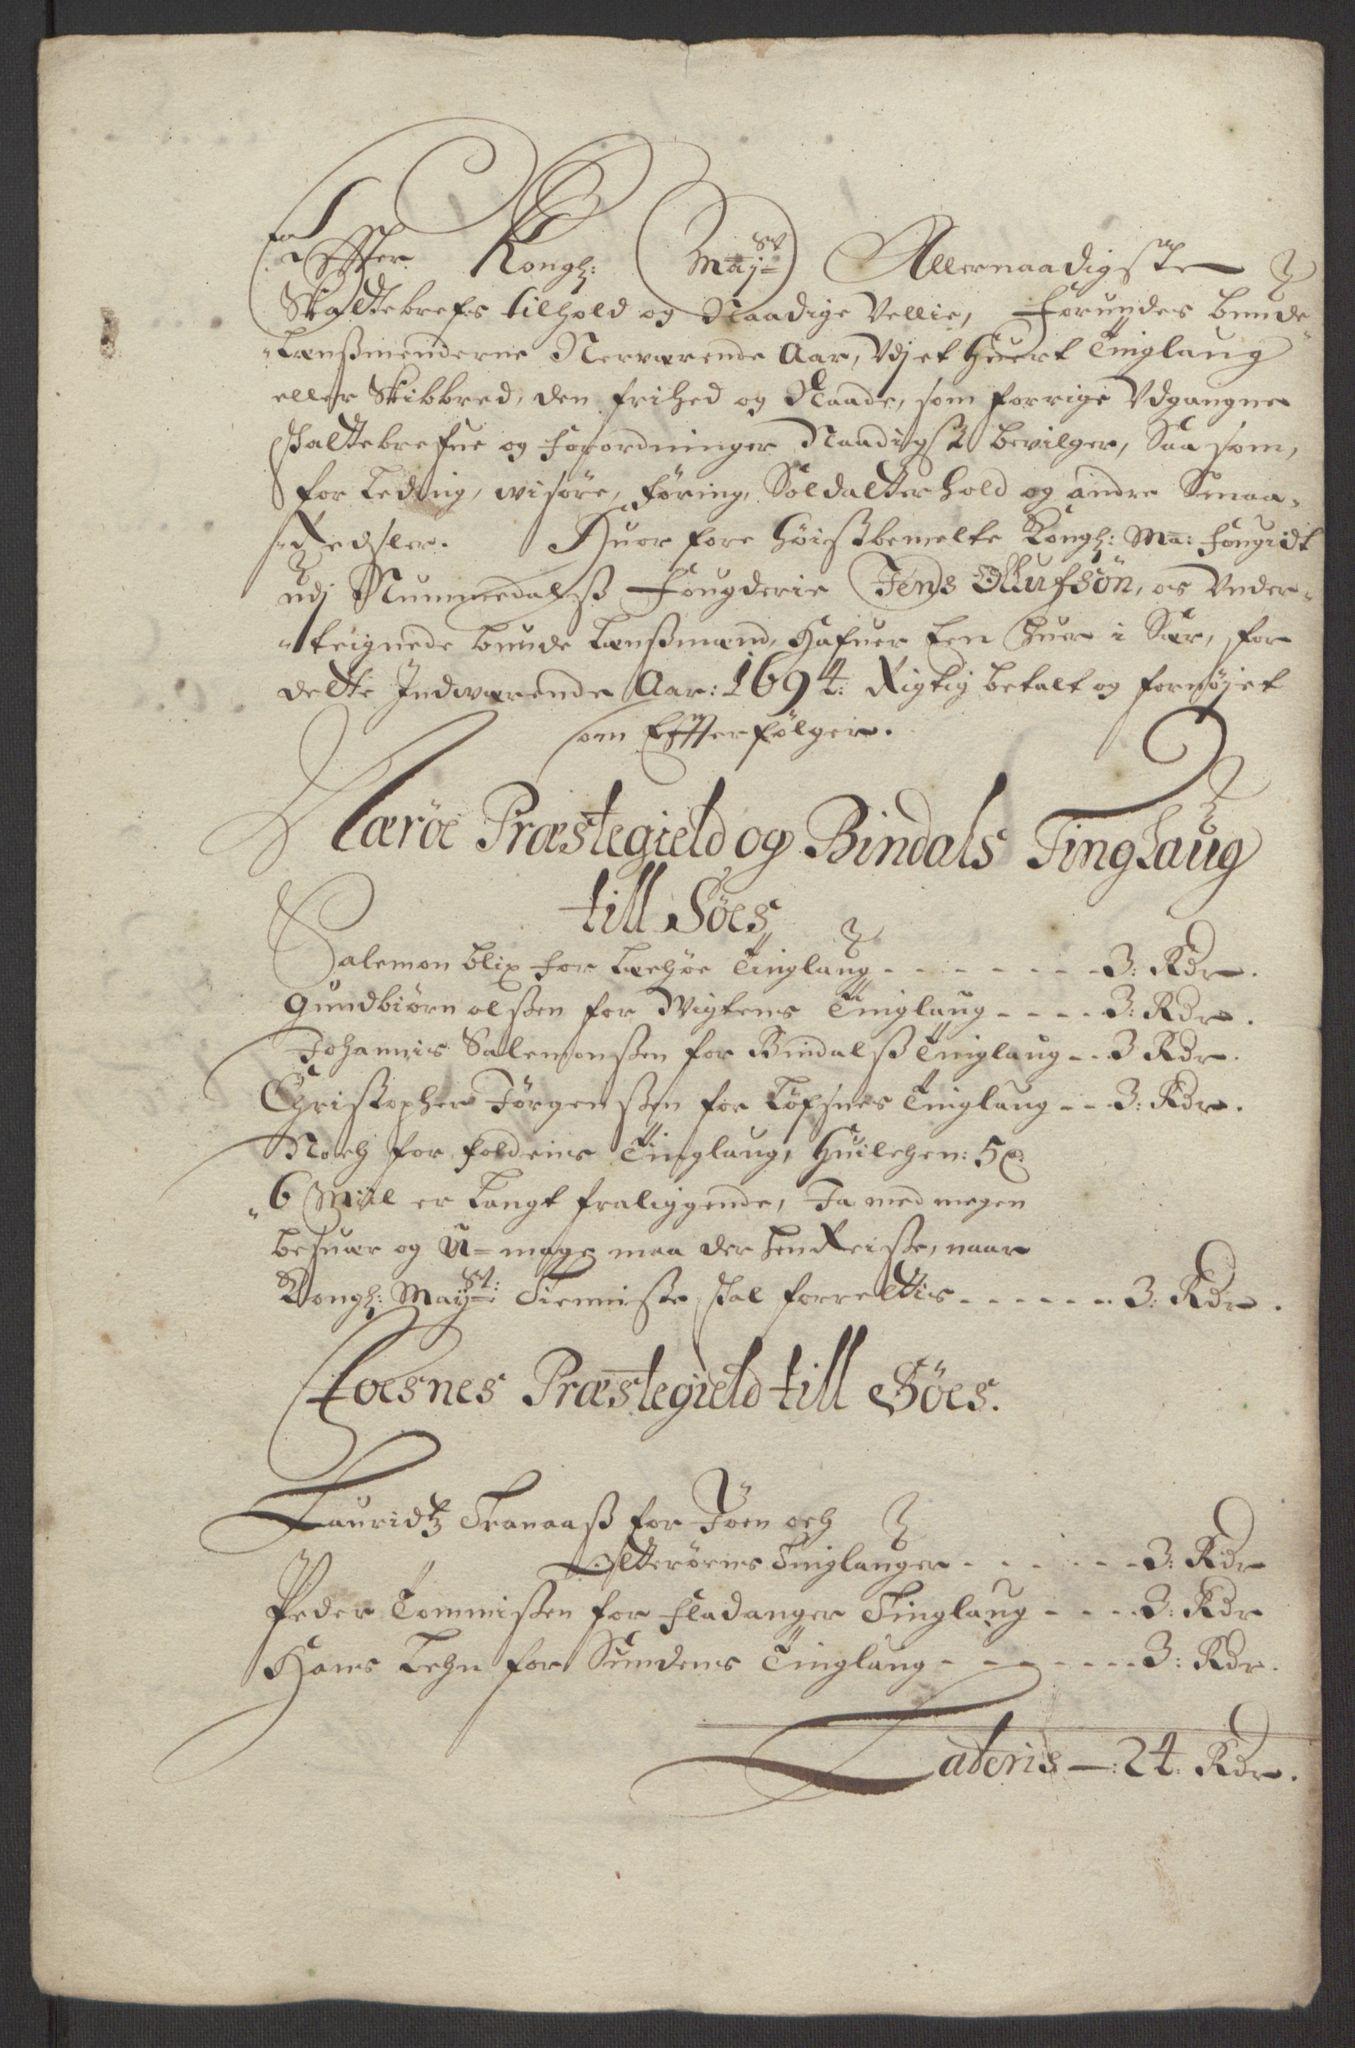 RA, Rentekammeret inntil 1814, Reviderte regnskaper, Fogderegnskap, R64/L4424: Fogderegnskap Namdal, 1692-1695, s. 414